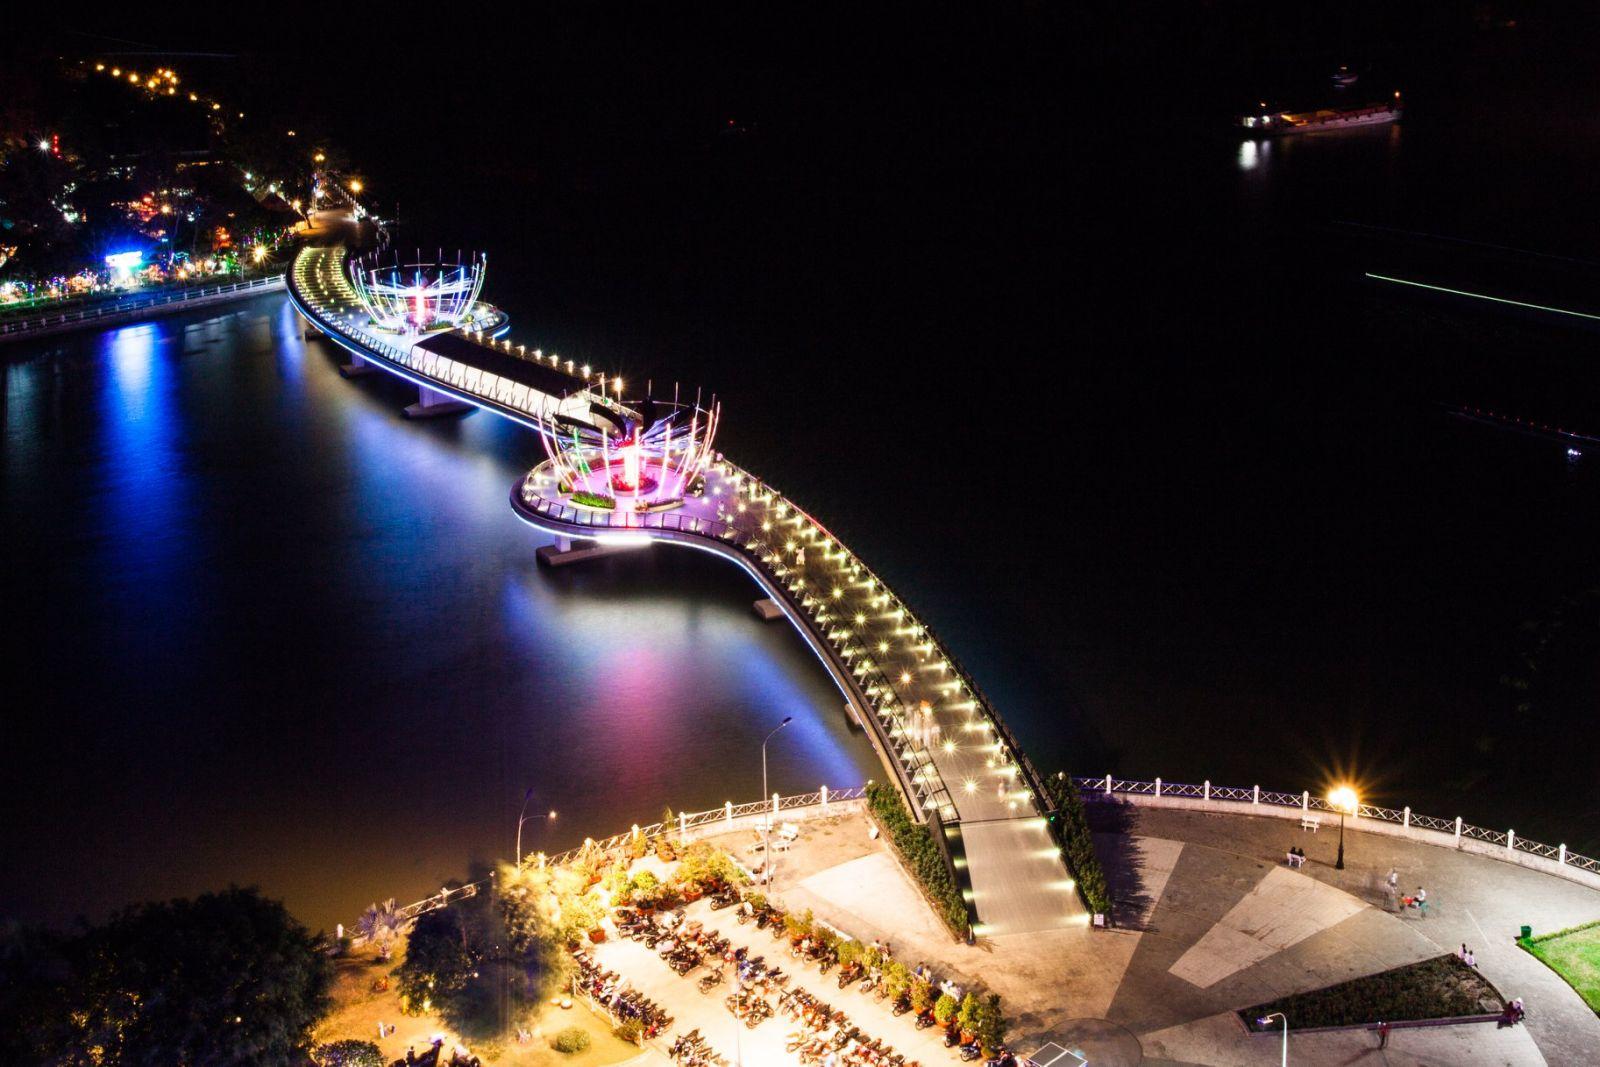 Cầu đi bộ Ninh Kiều là một trong những điểm thu hút rất đông khách du lịch và người dân đến chơ